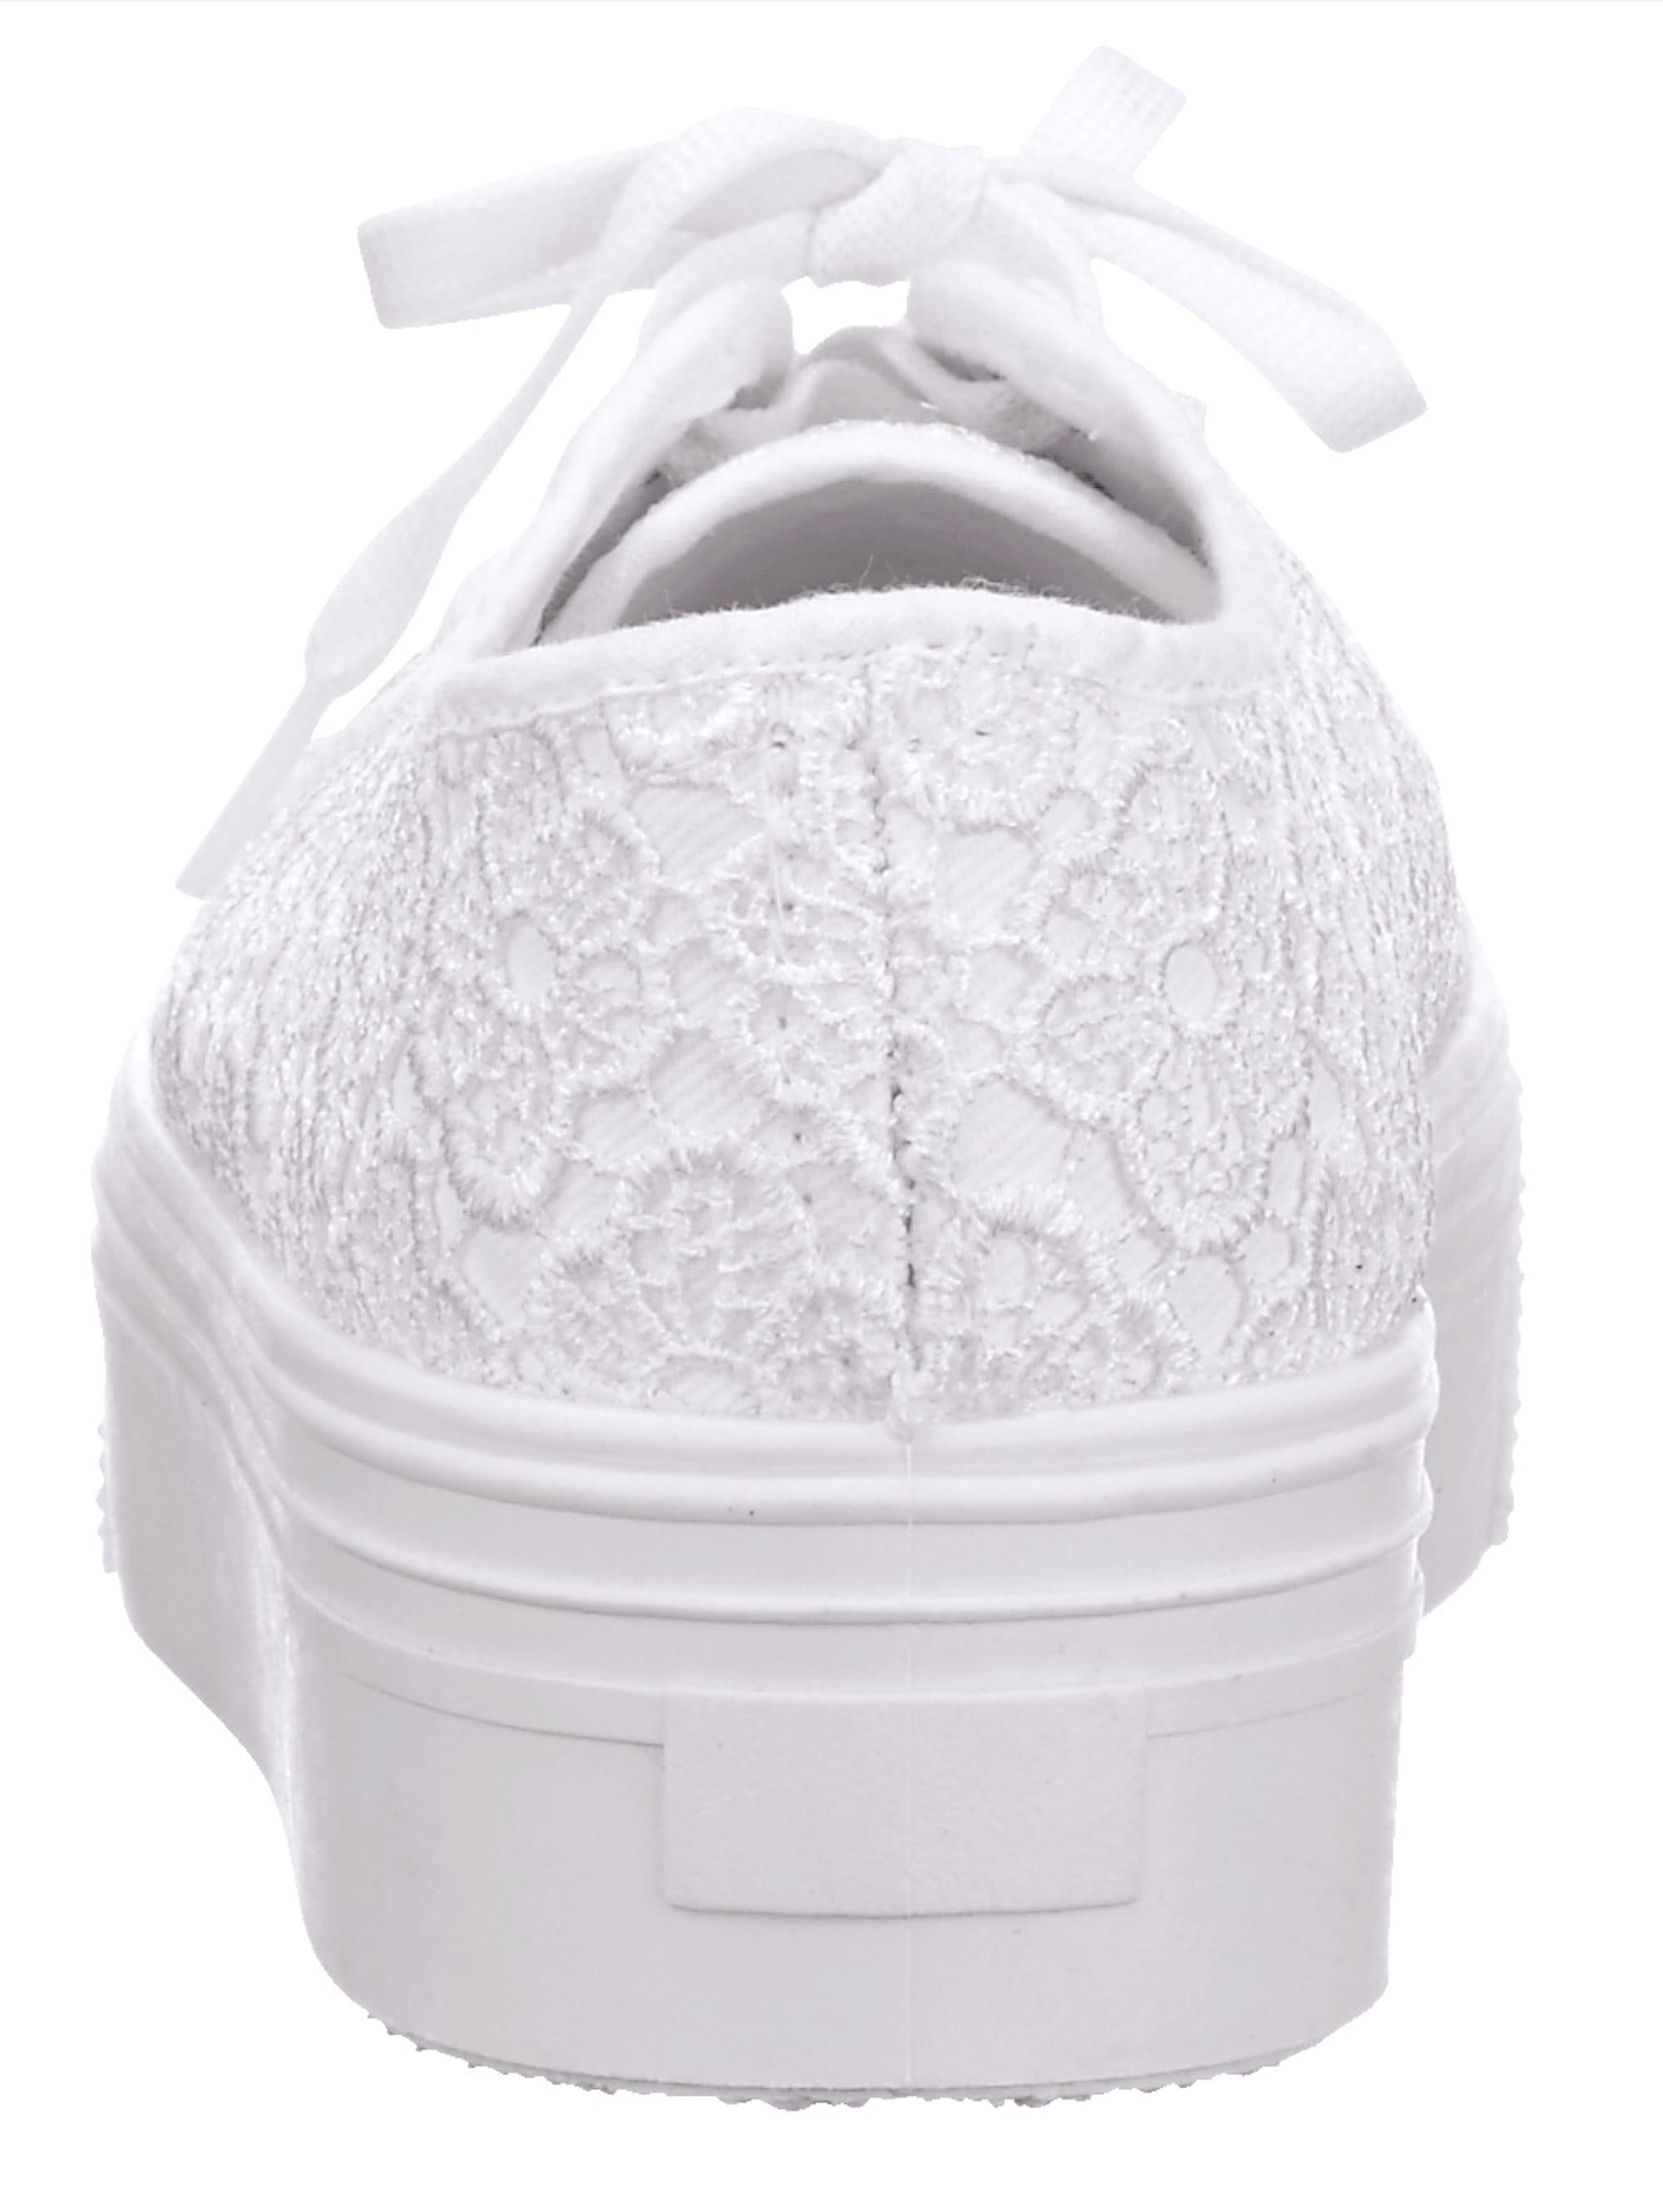 KLiNGEL Veterschoen Wit in het Wit voor heren